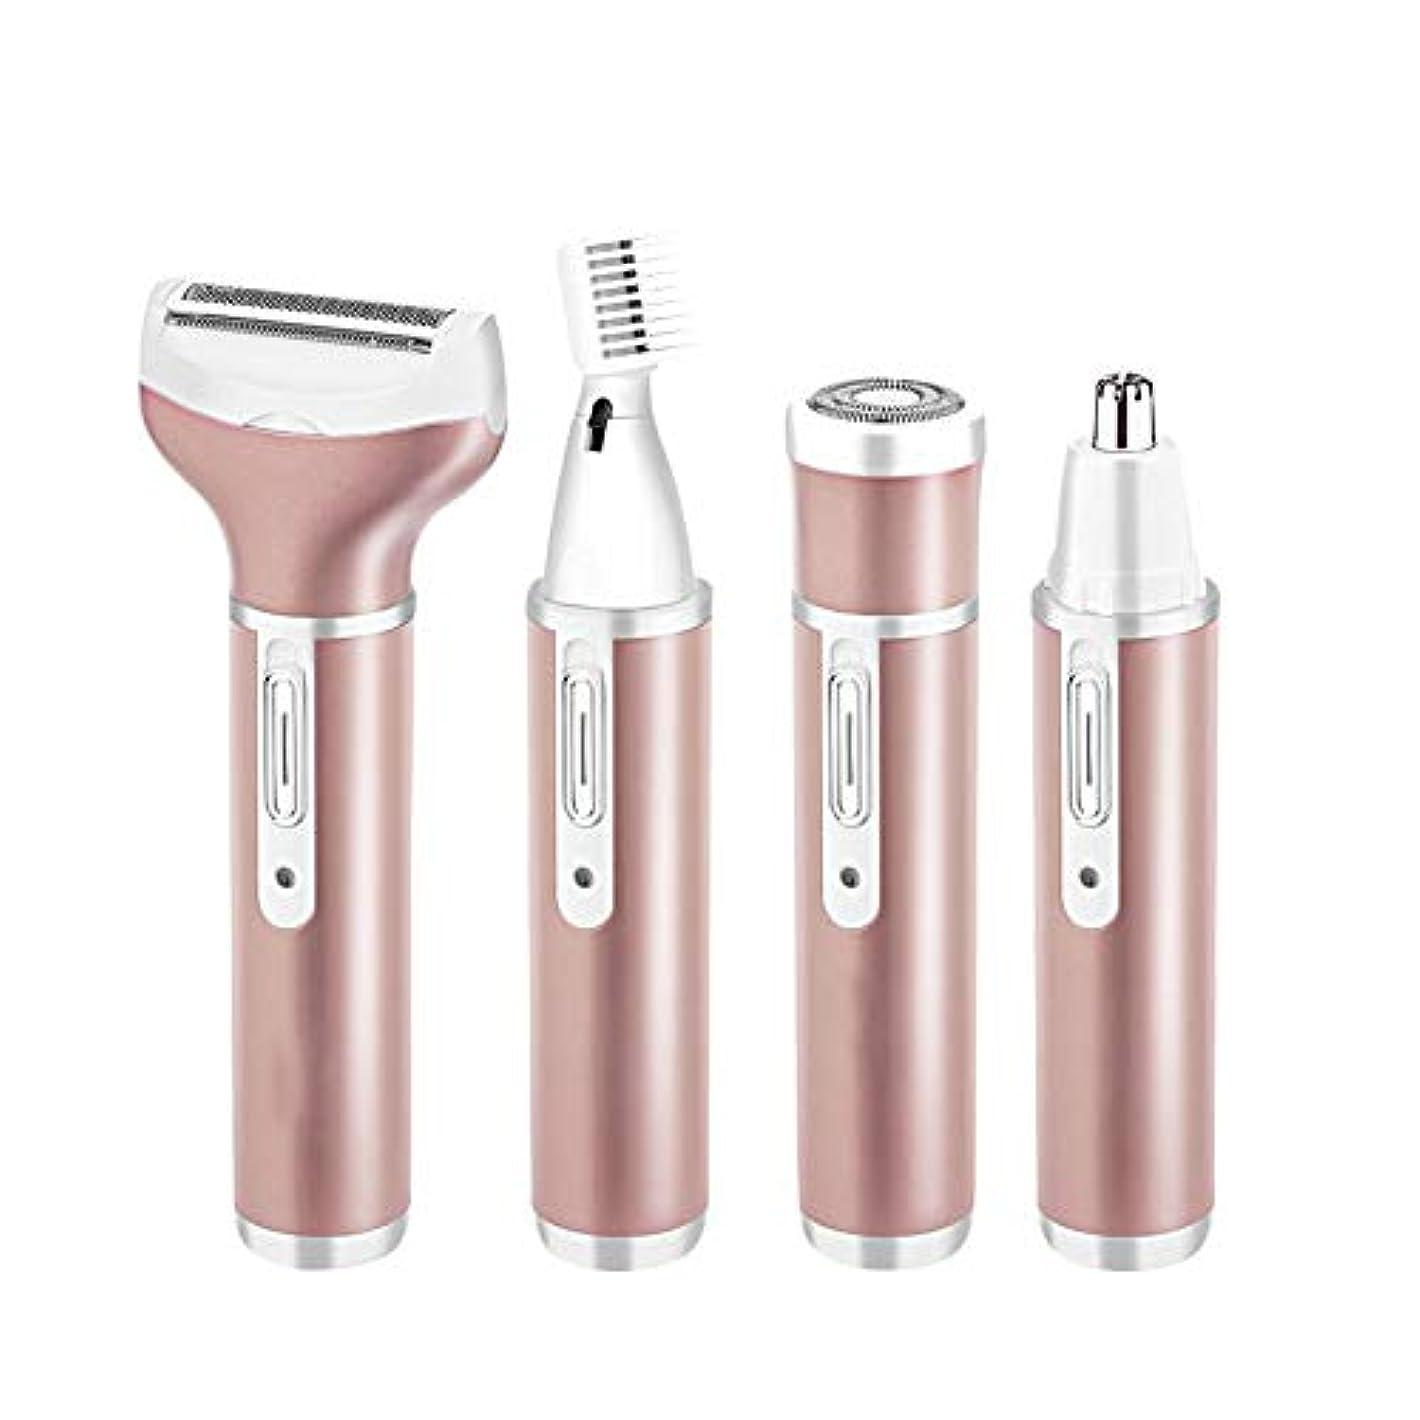 フロー取り組むピーク脱毛シェーバー レディース 4in1 多機能 全身用脱毛器 USB充電式 シェーバー 使用簡単 便利 鼻毛 眉毛カッター 美容ツール